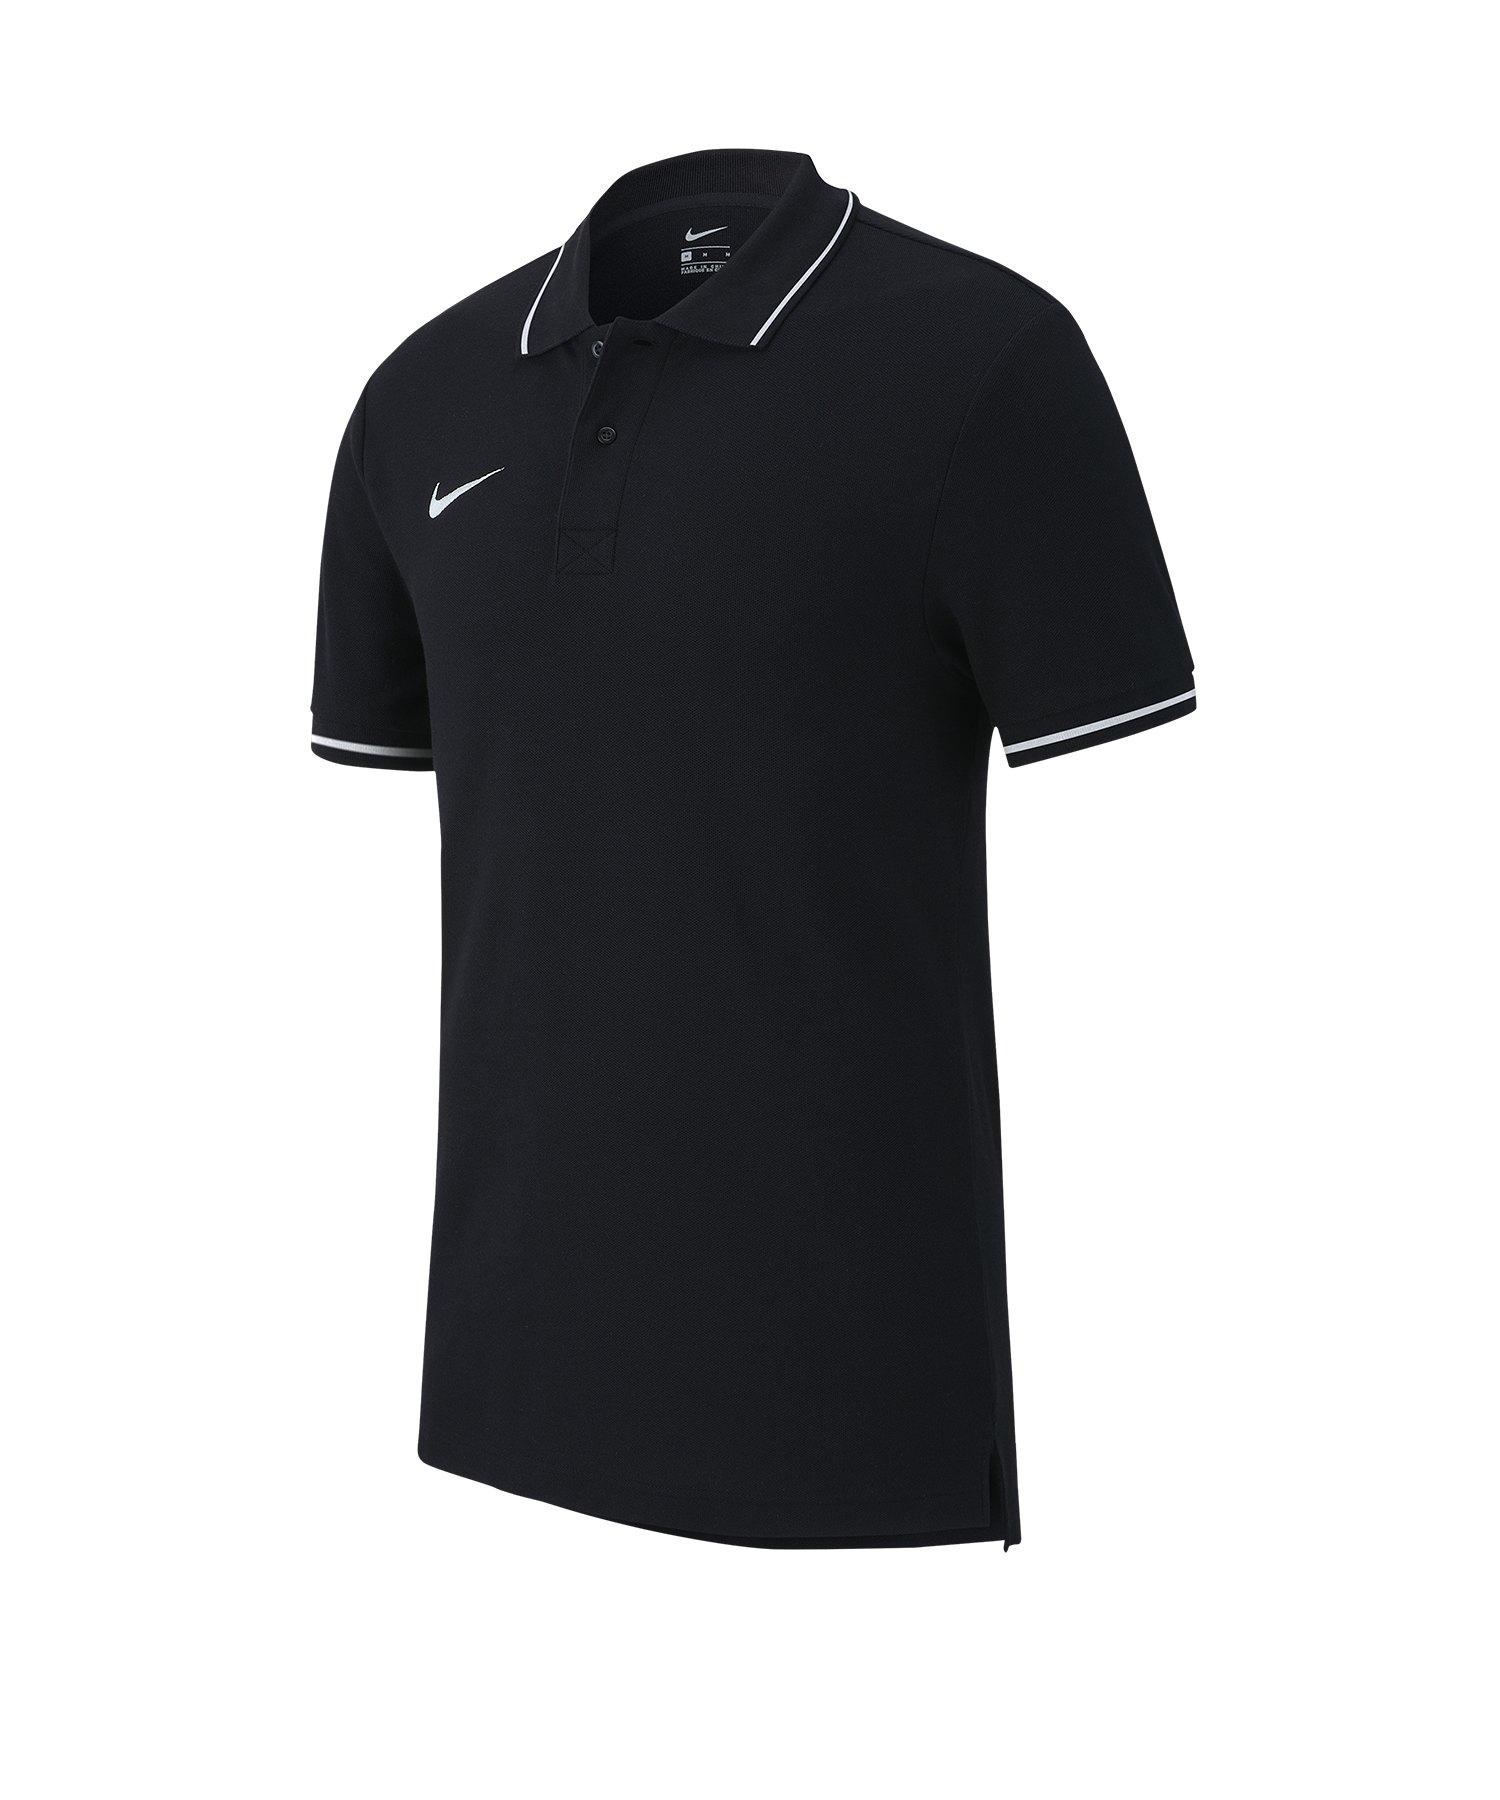 Nike Club 19 Poloshirt Kids Schwarz Weiss F010 - Schwarz